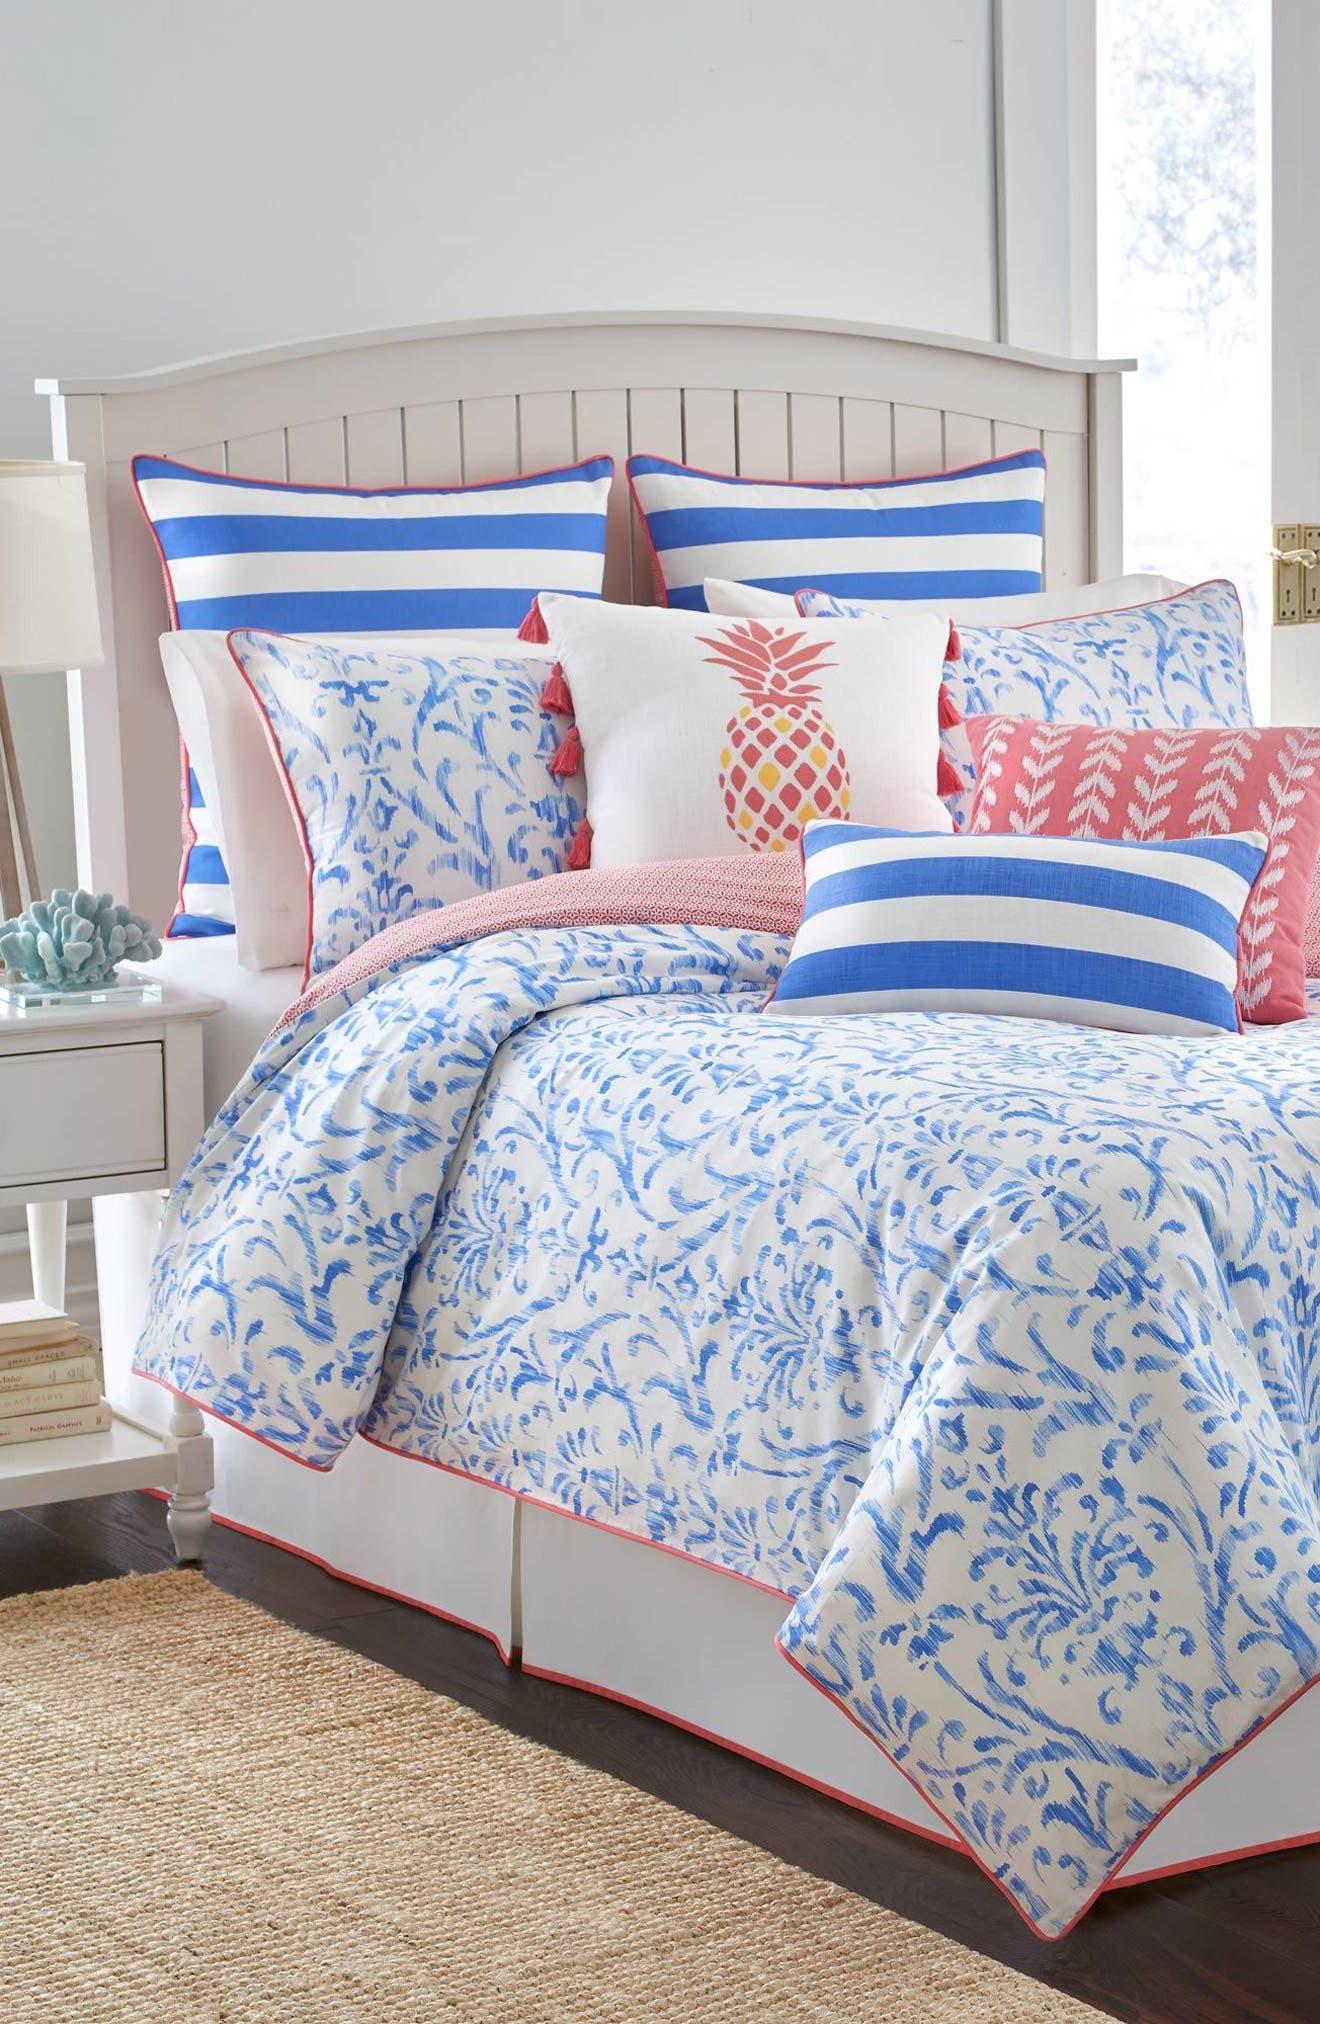 Coastal Ikat Comforter, Sham & Bed Skirt Set,                         Main,                         color, 400